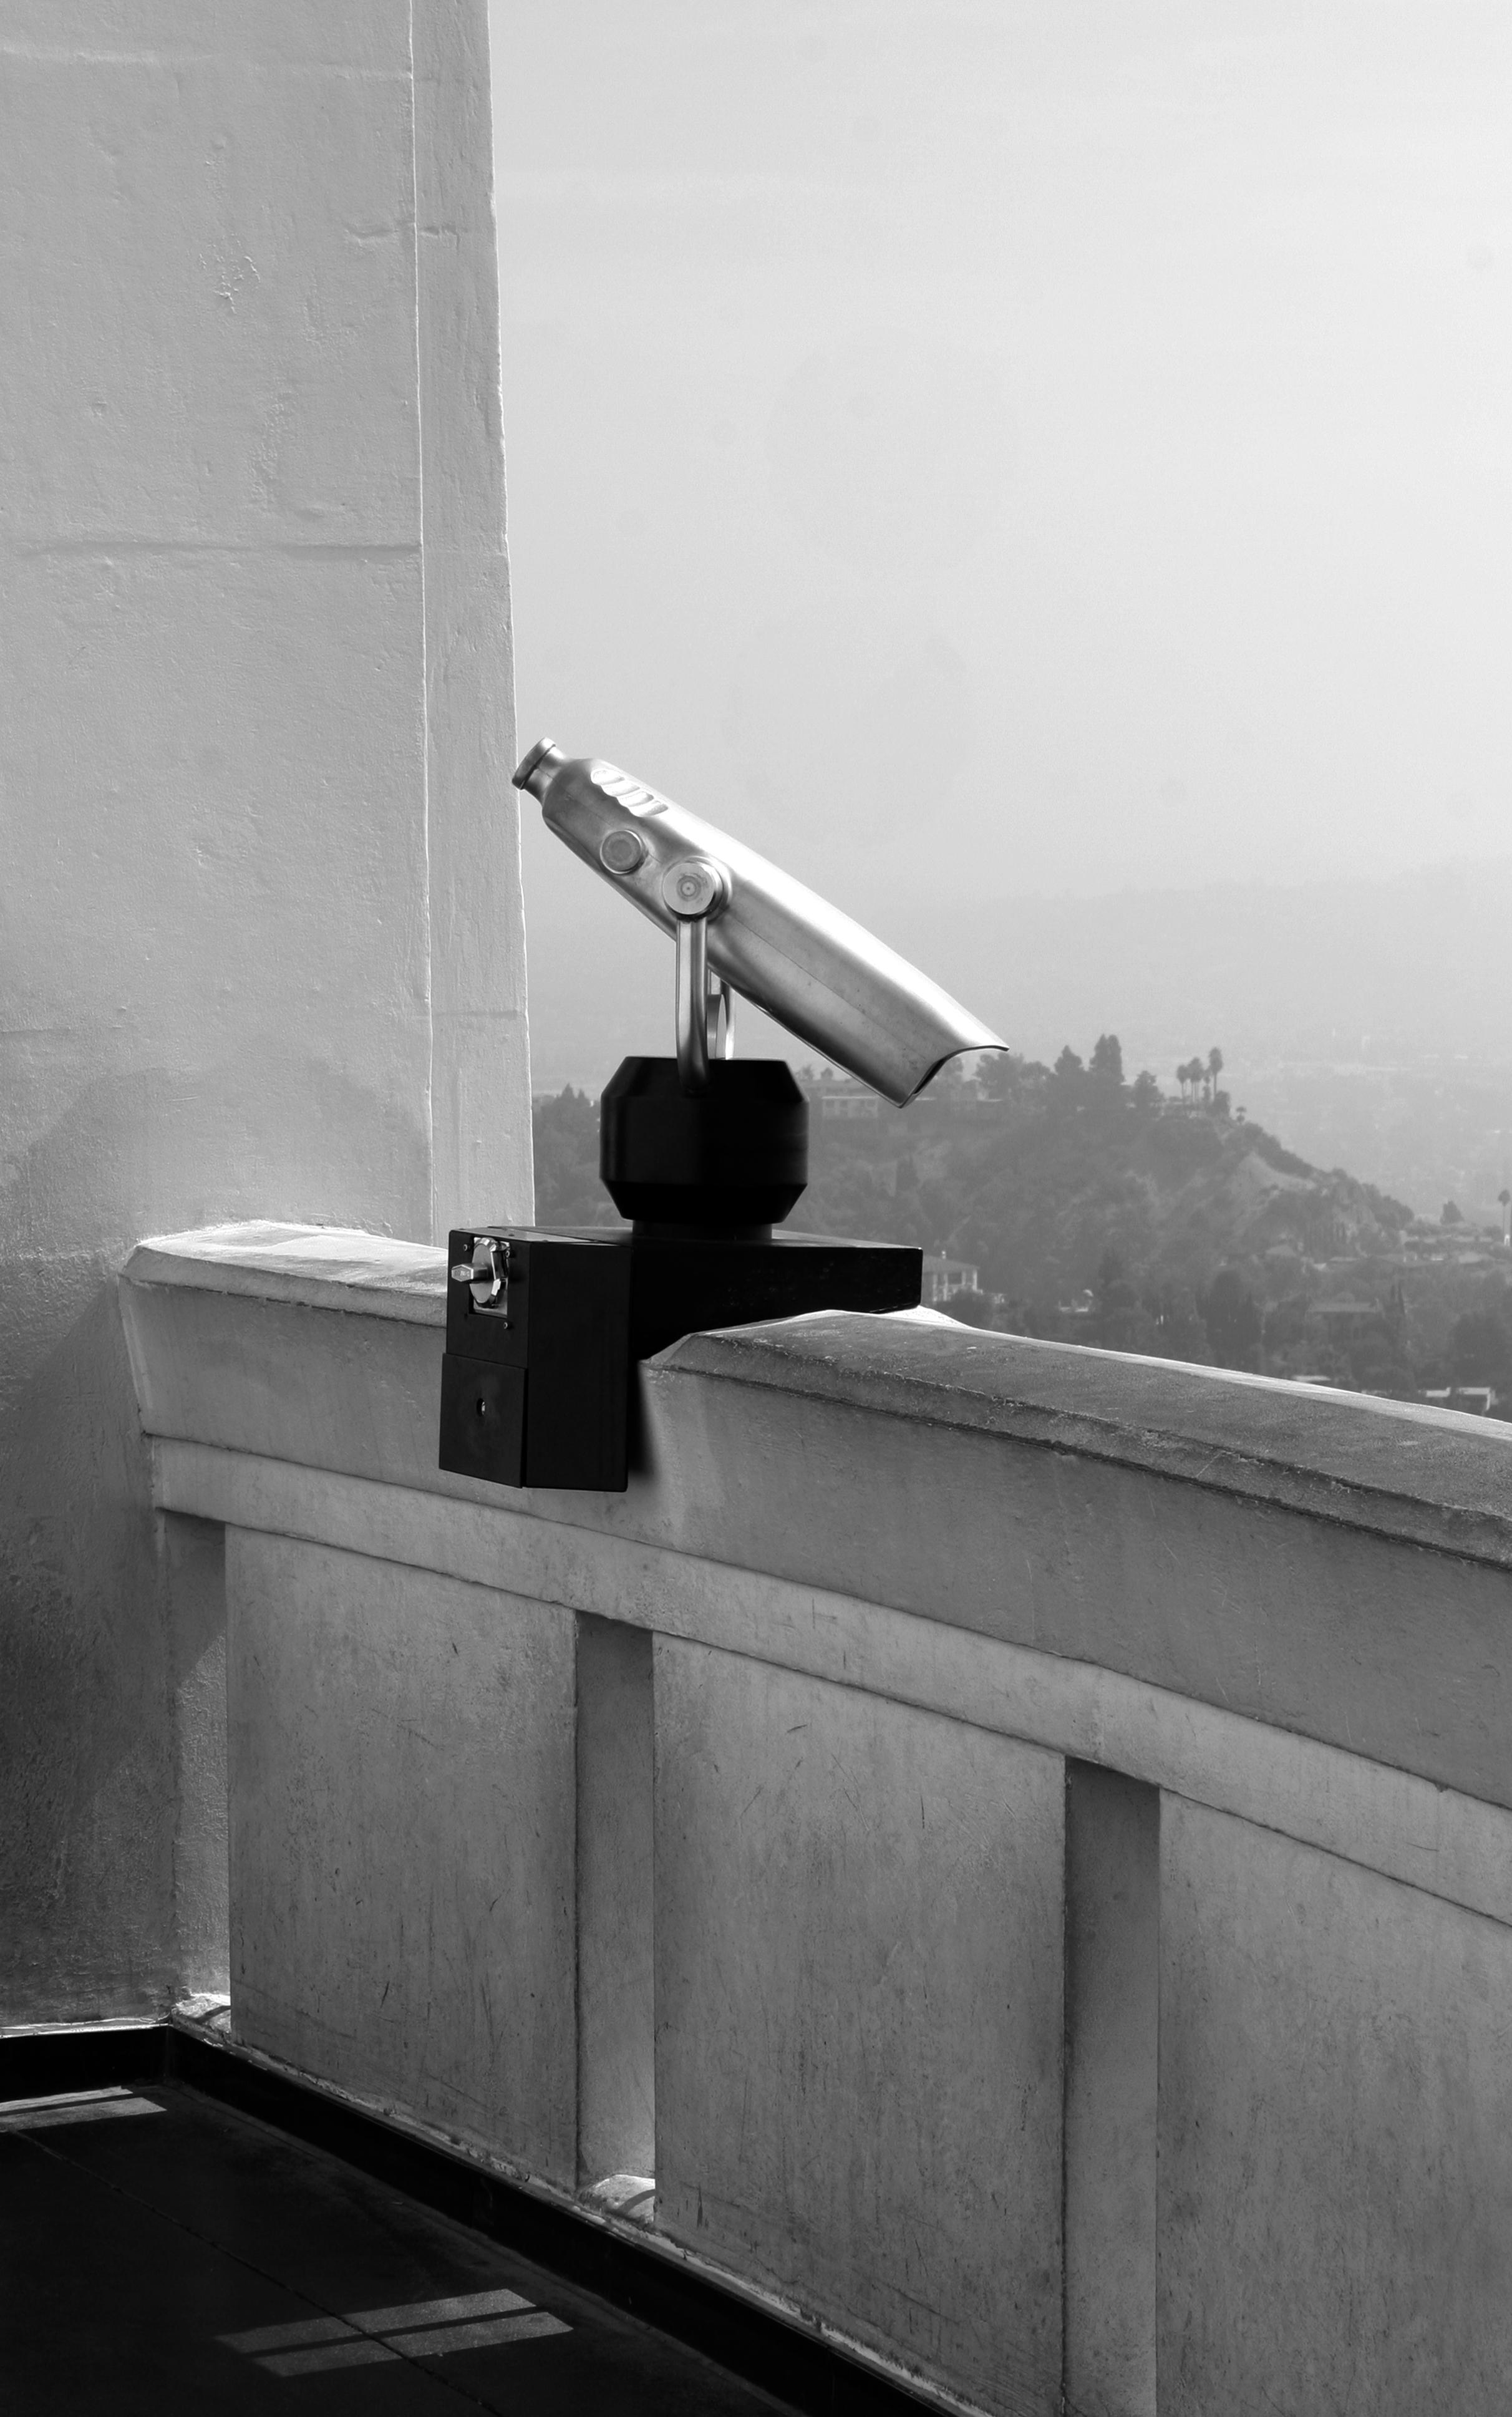 griffithtelescope.jpg